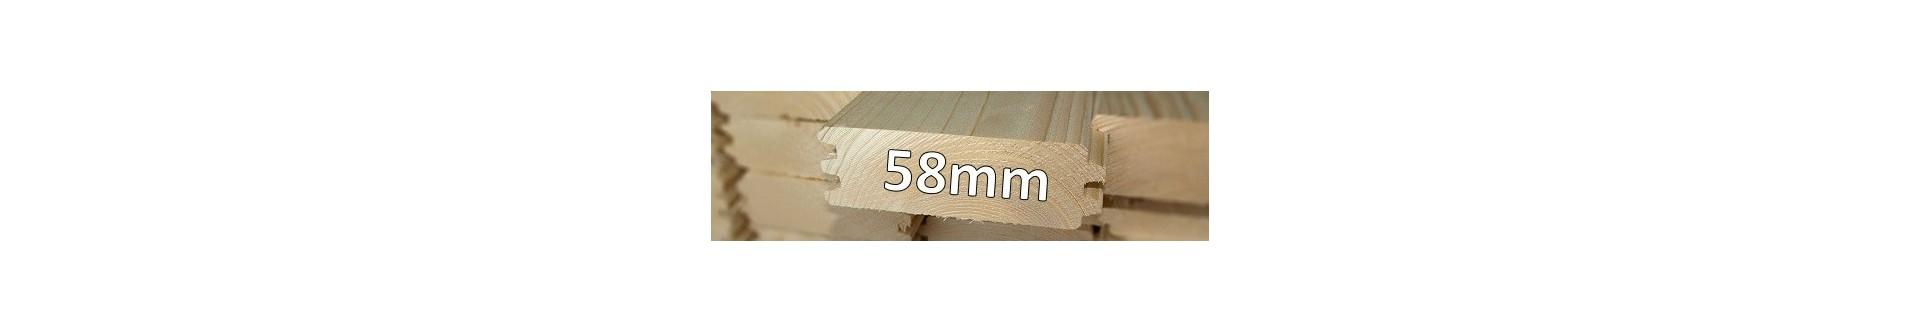 Grosor 58 mm